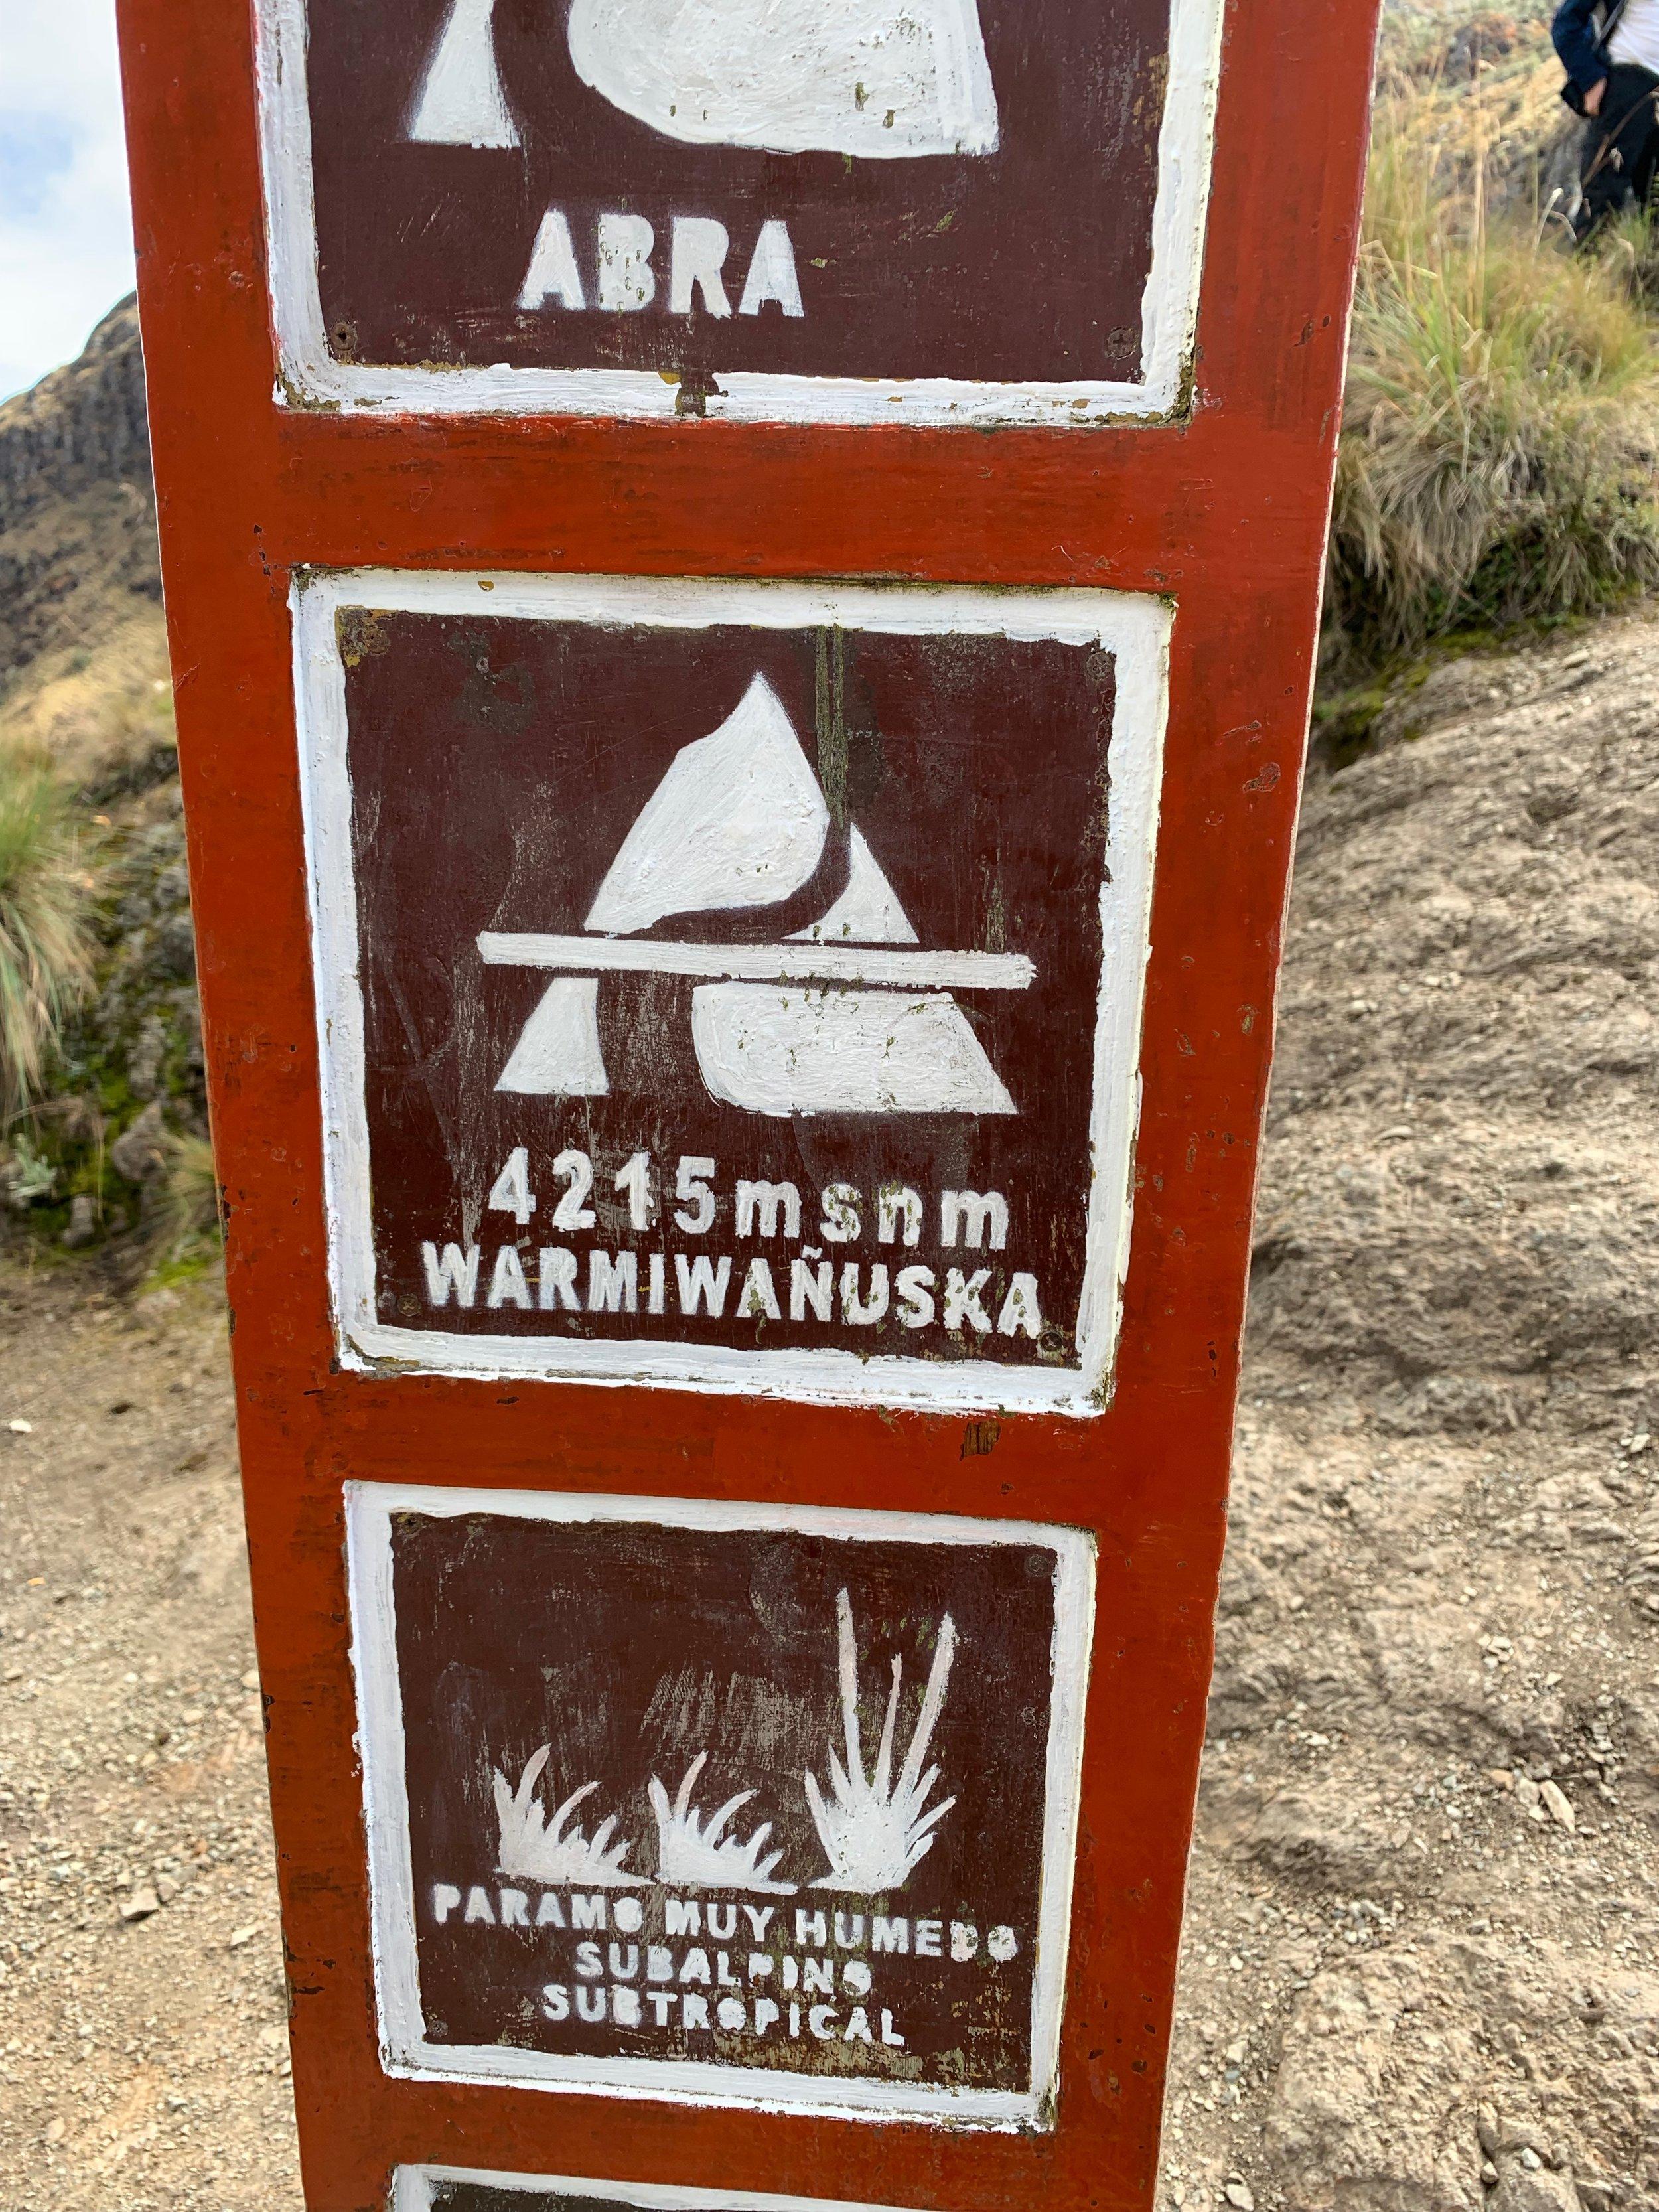 13,828 ft (4215 m)